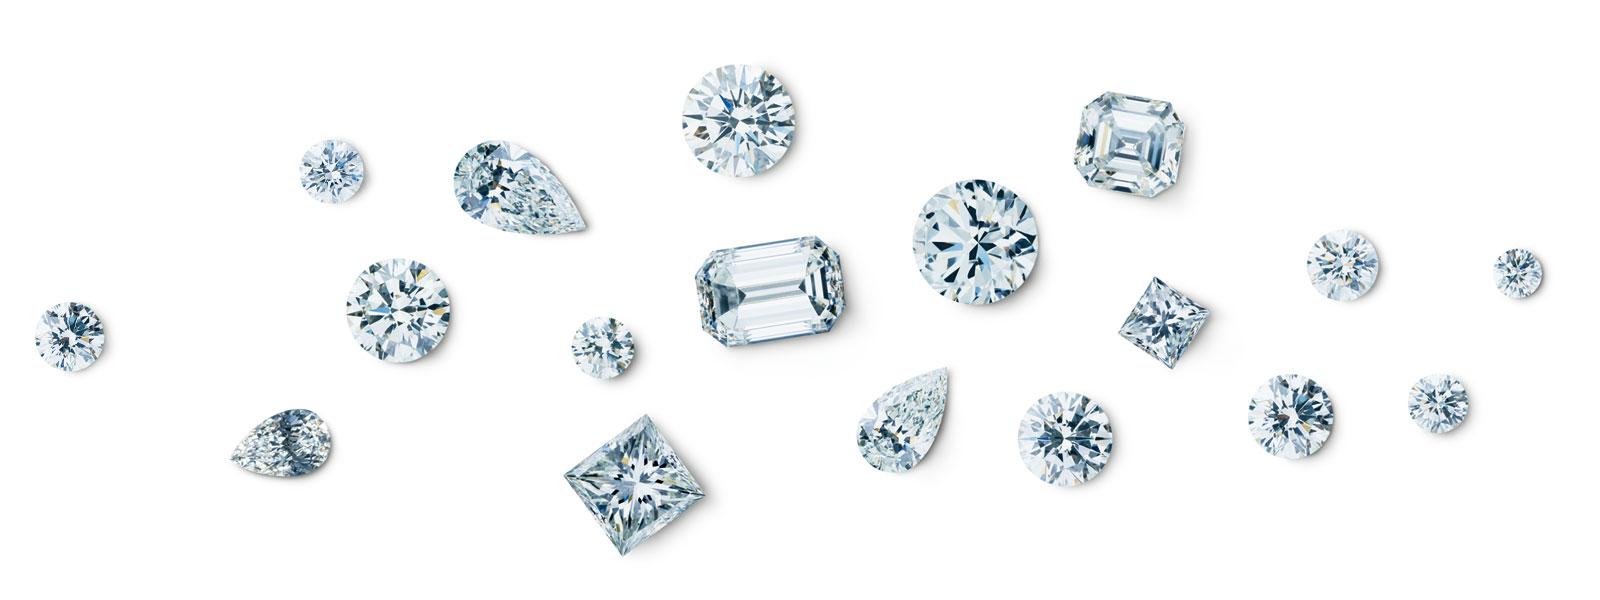 ダイヤモンドの販売